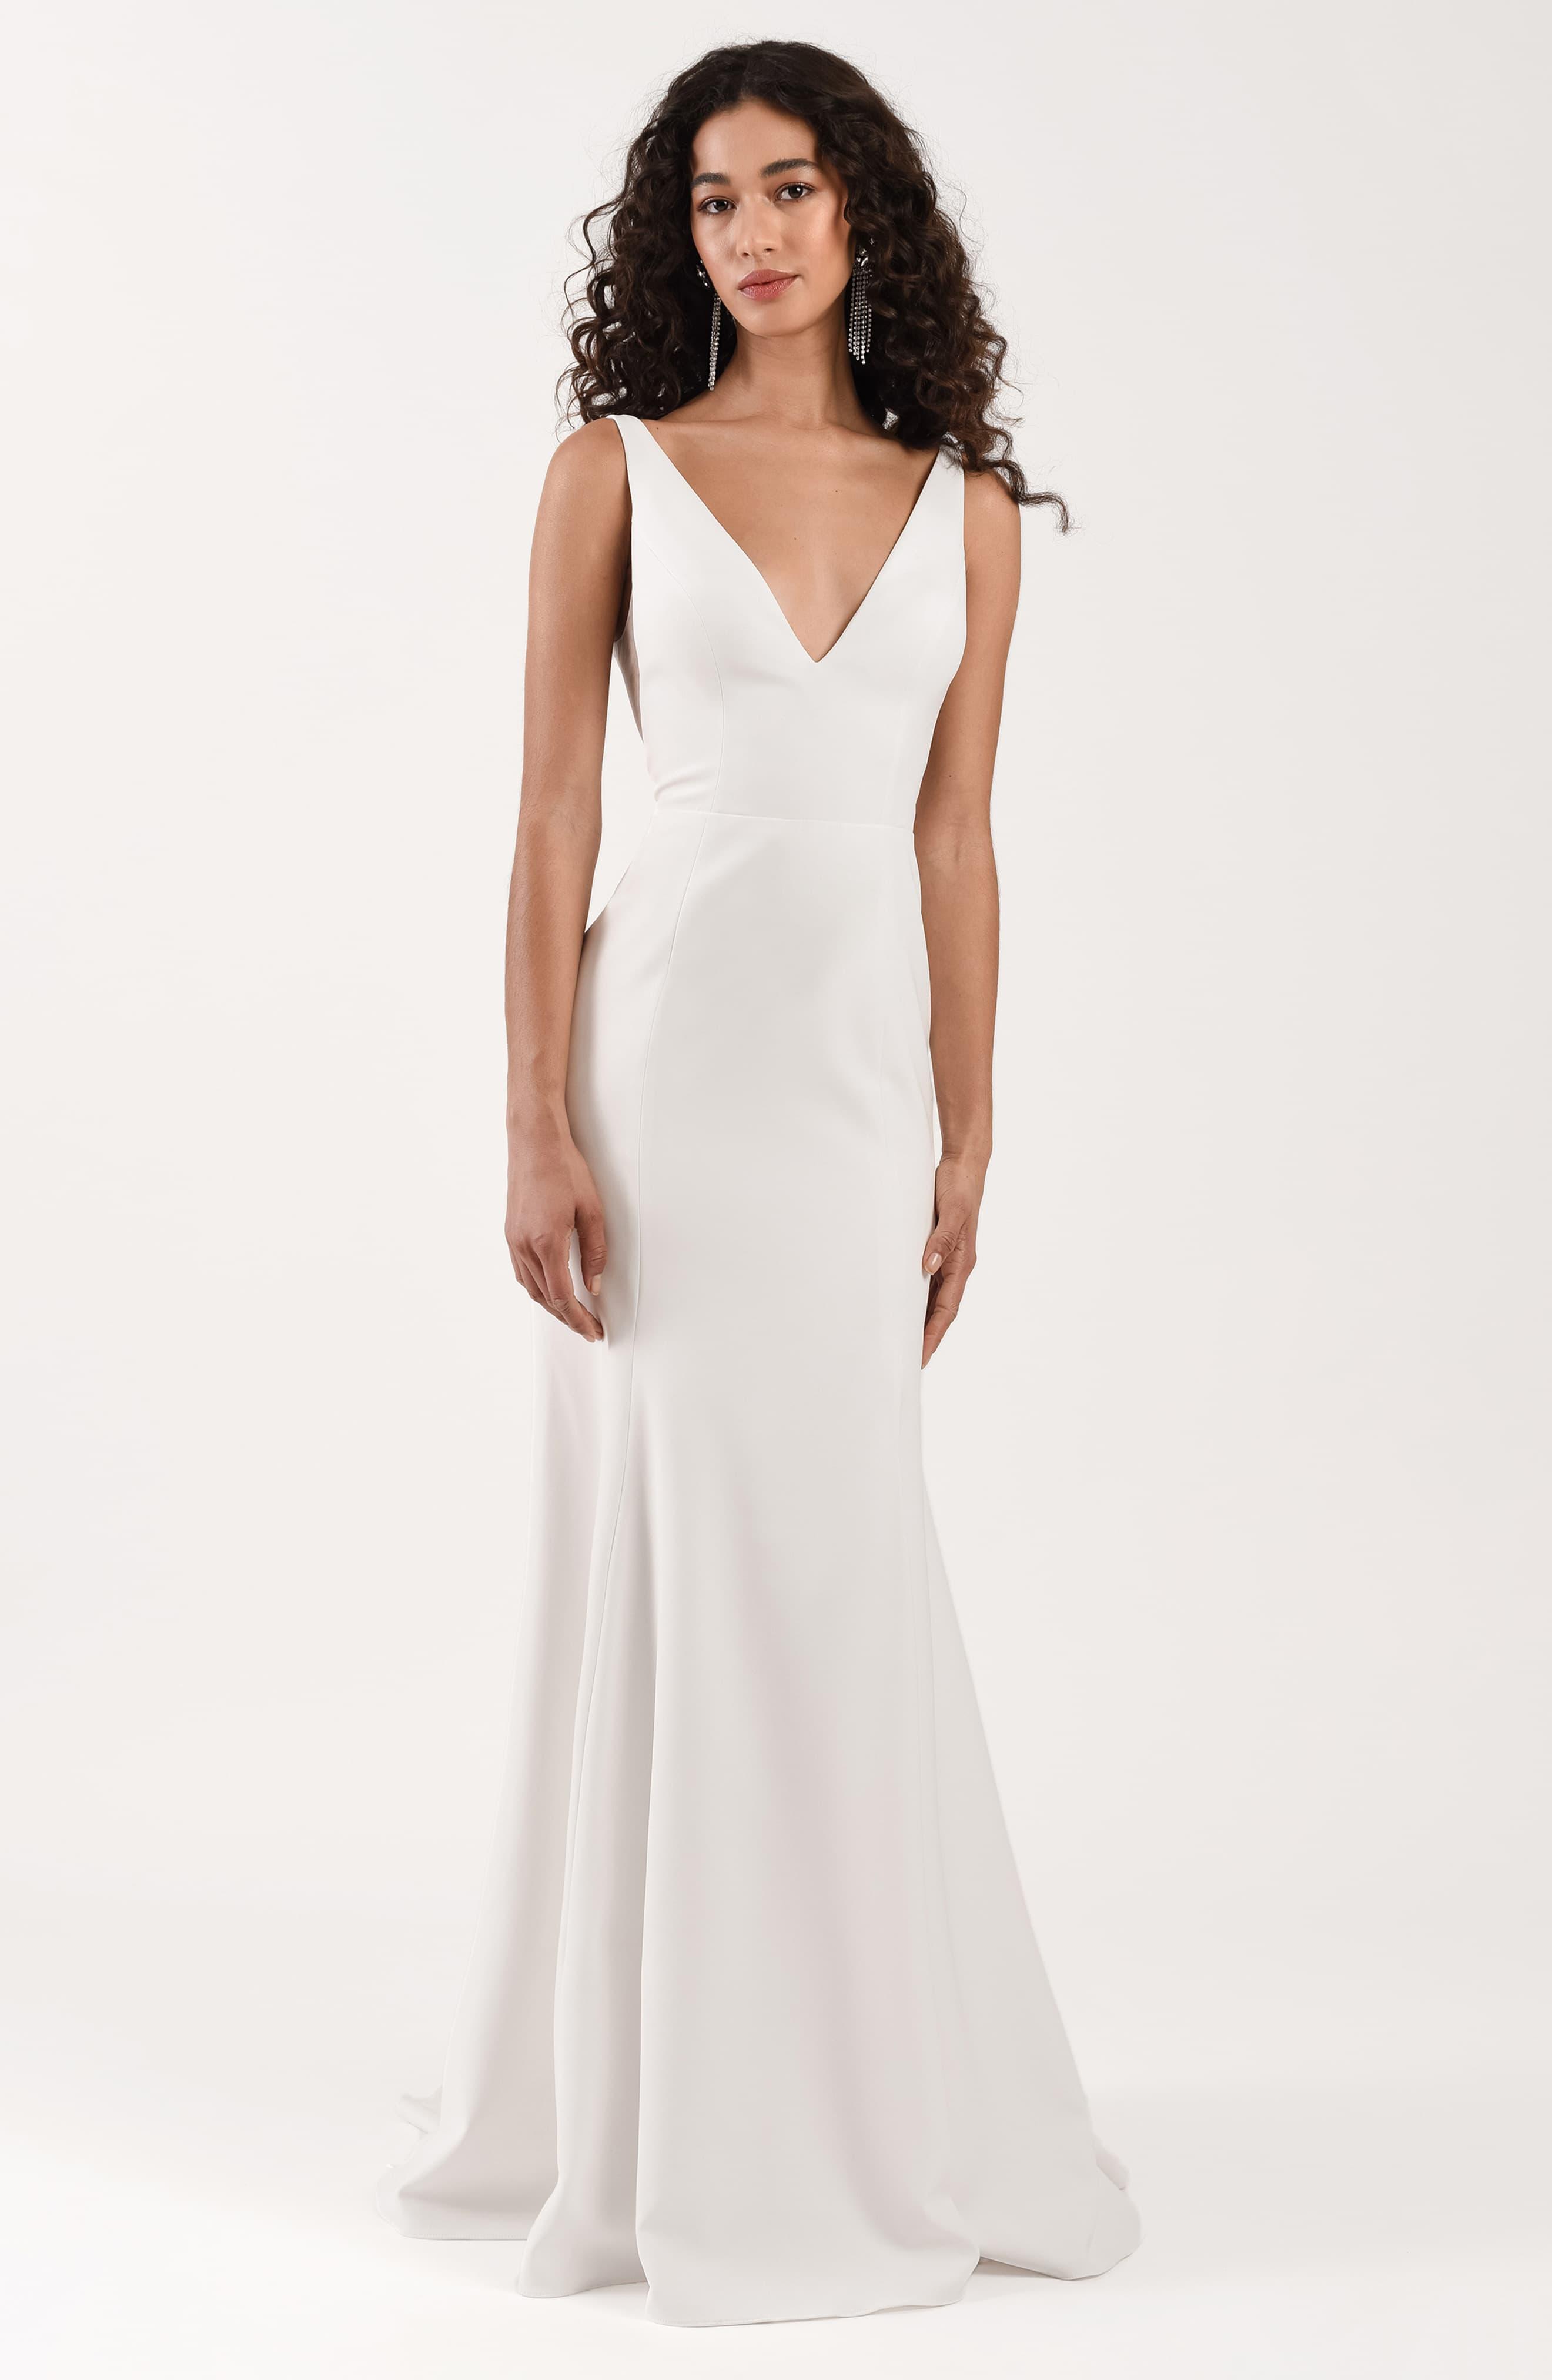 Jenny Yoo Tulle Neve Crepe Trumpet Wedding Dress In Ivory White